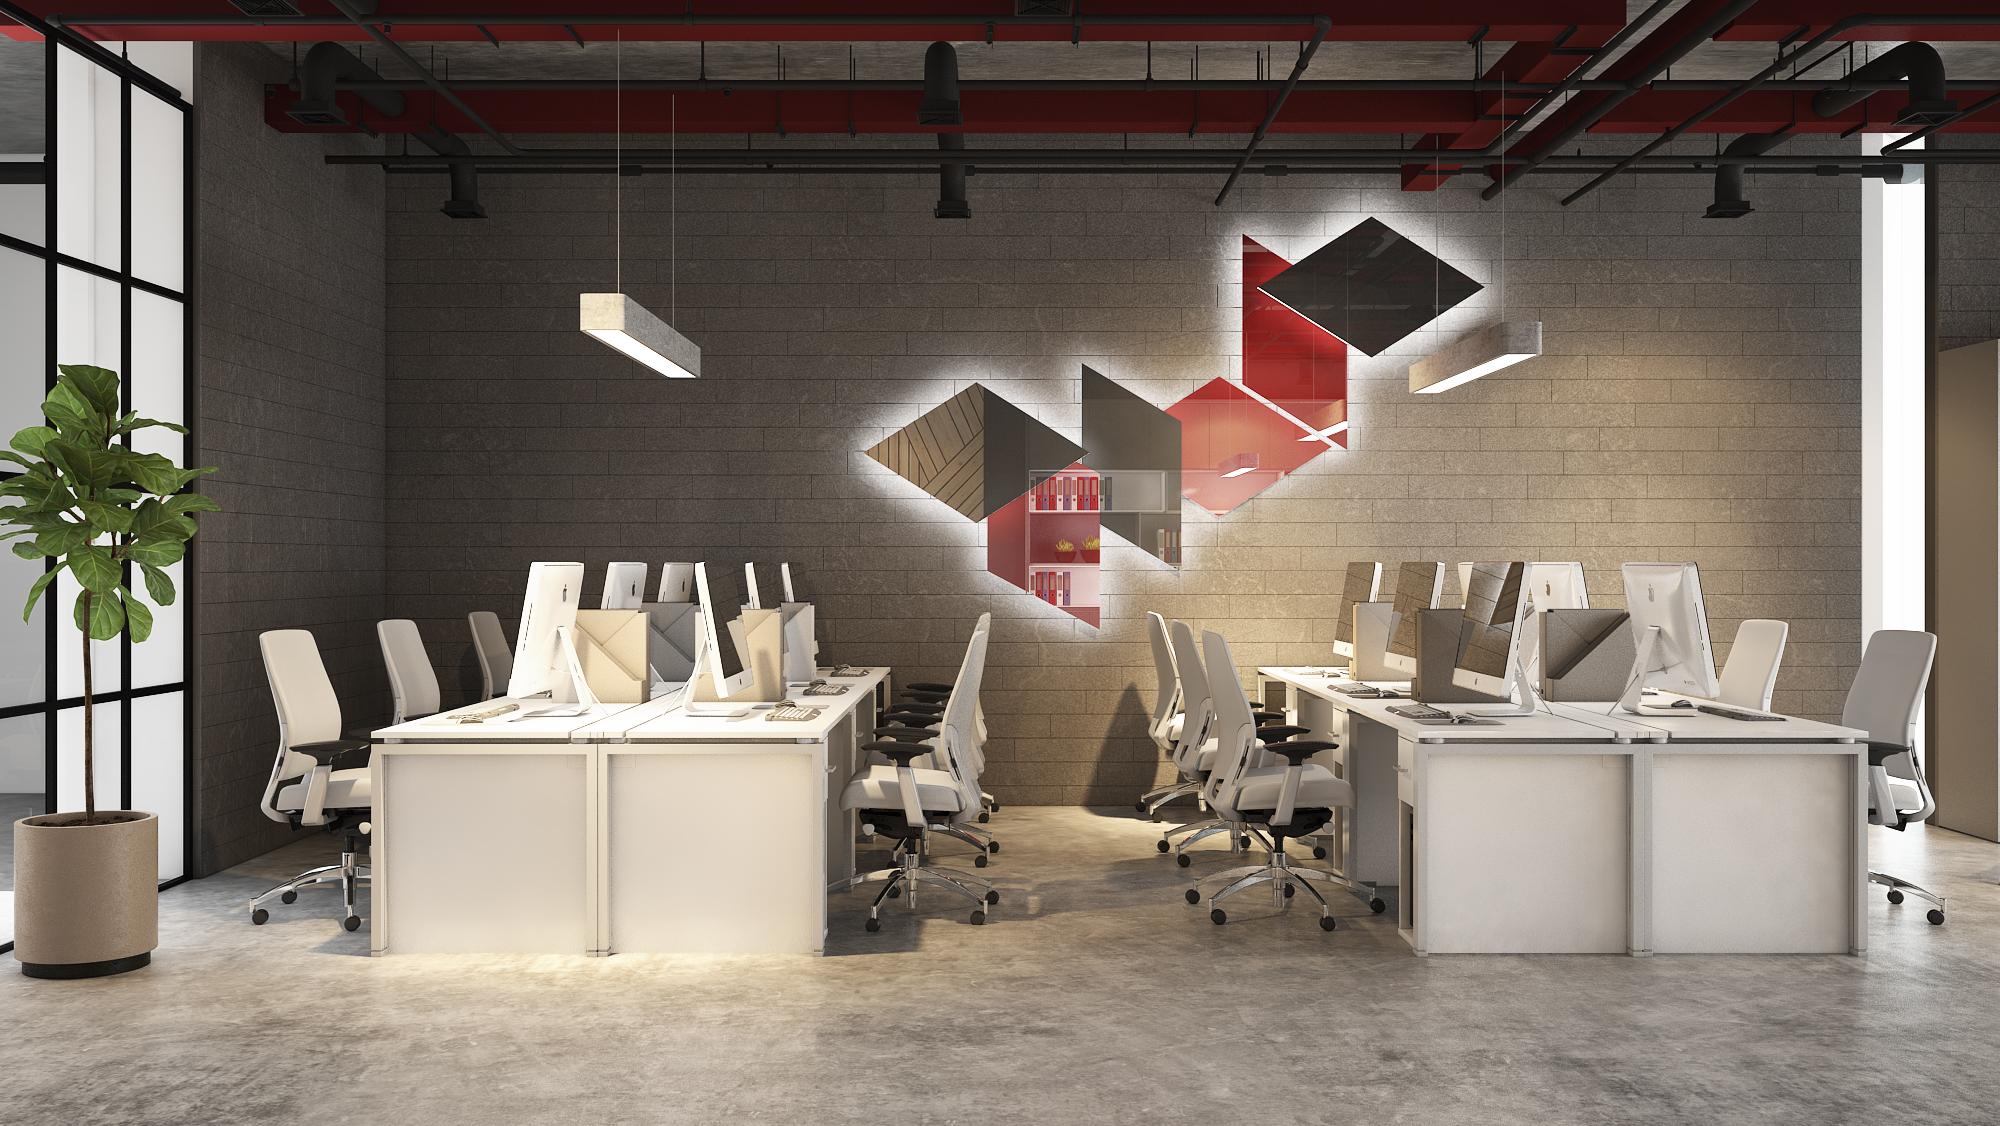 thiết kế nội thất Văn Phòng tại Hồ Chí Minh ASIA TRADE TOWER 6 1548399473